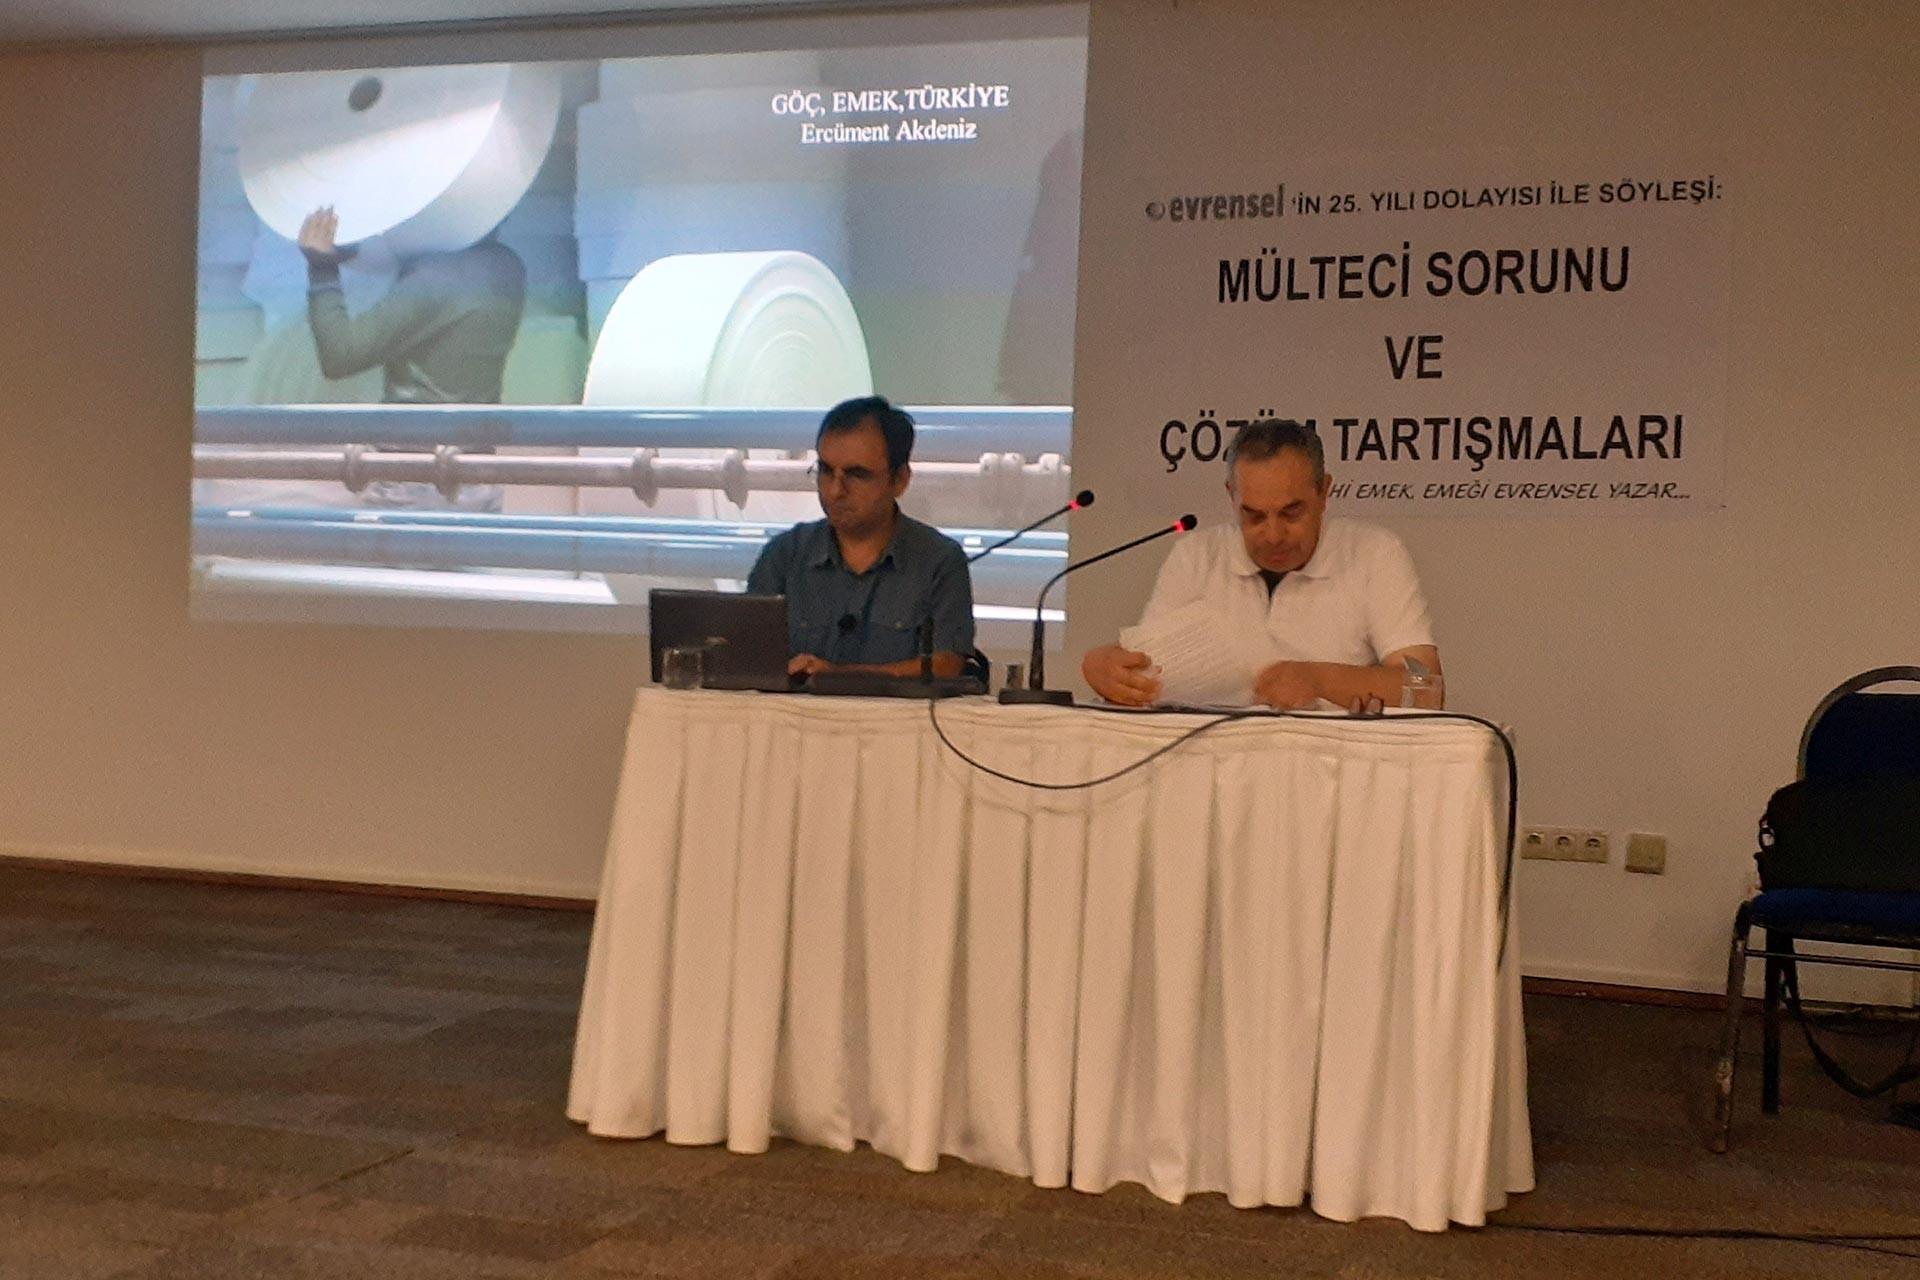 İzmir'de mülteci sorunu ve çözüm önerileri tartışıldı